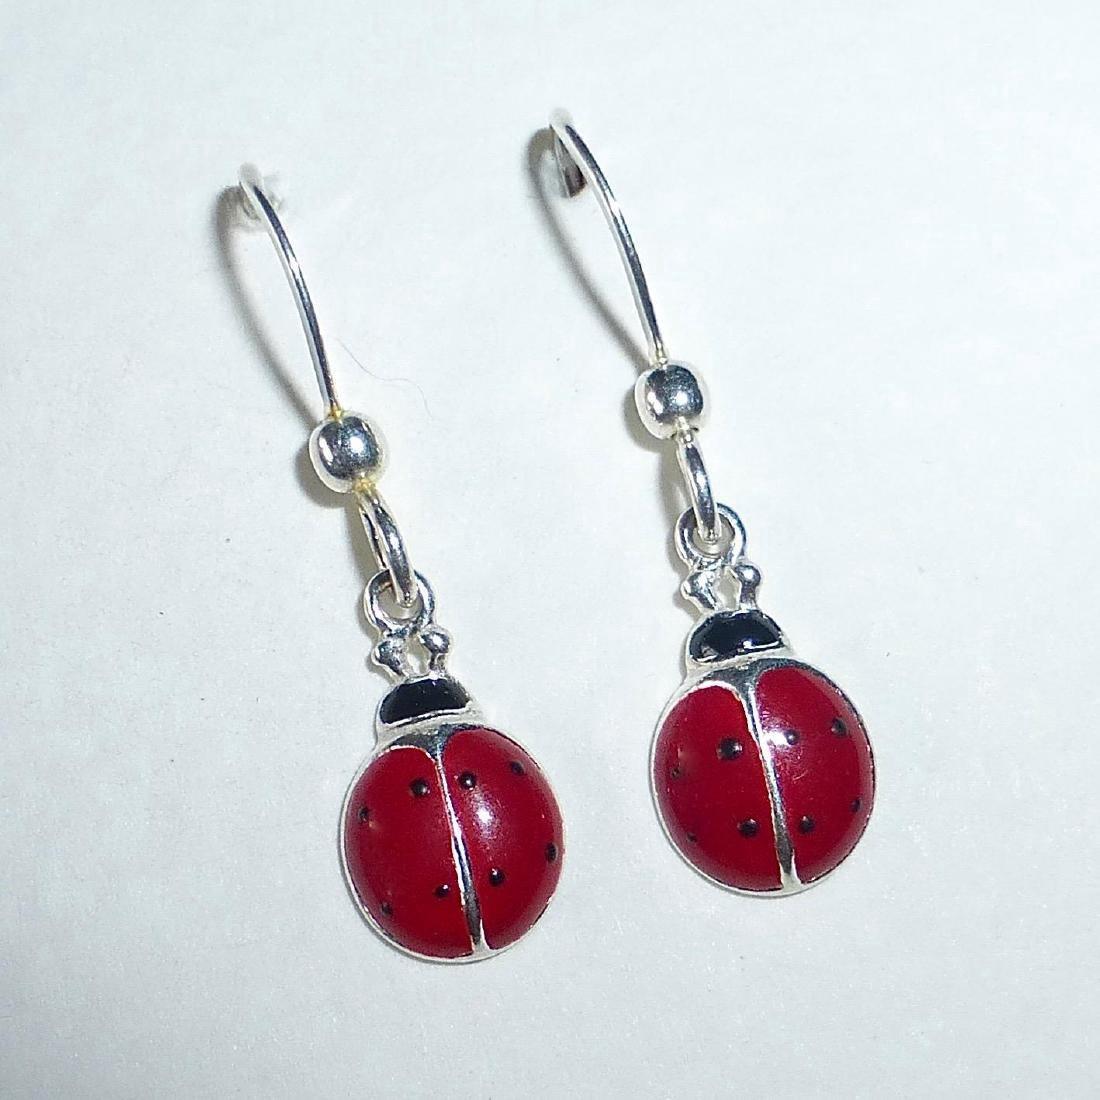 Vintage Sterling Silver Enamel Ladybug Earrings - 5